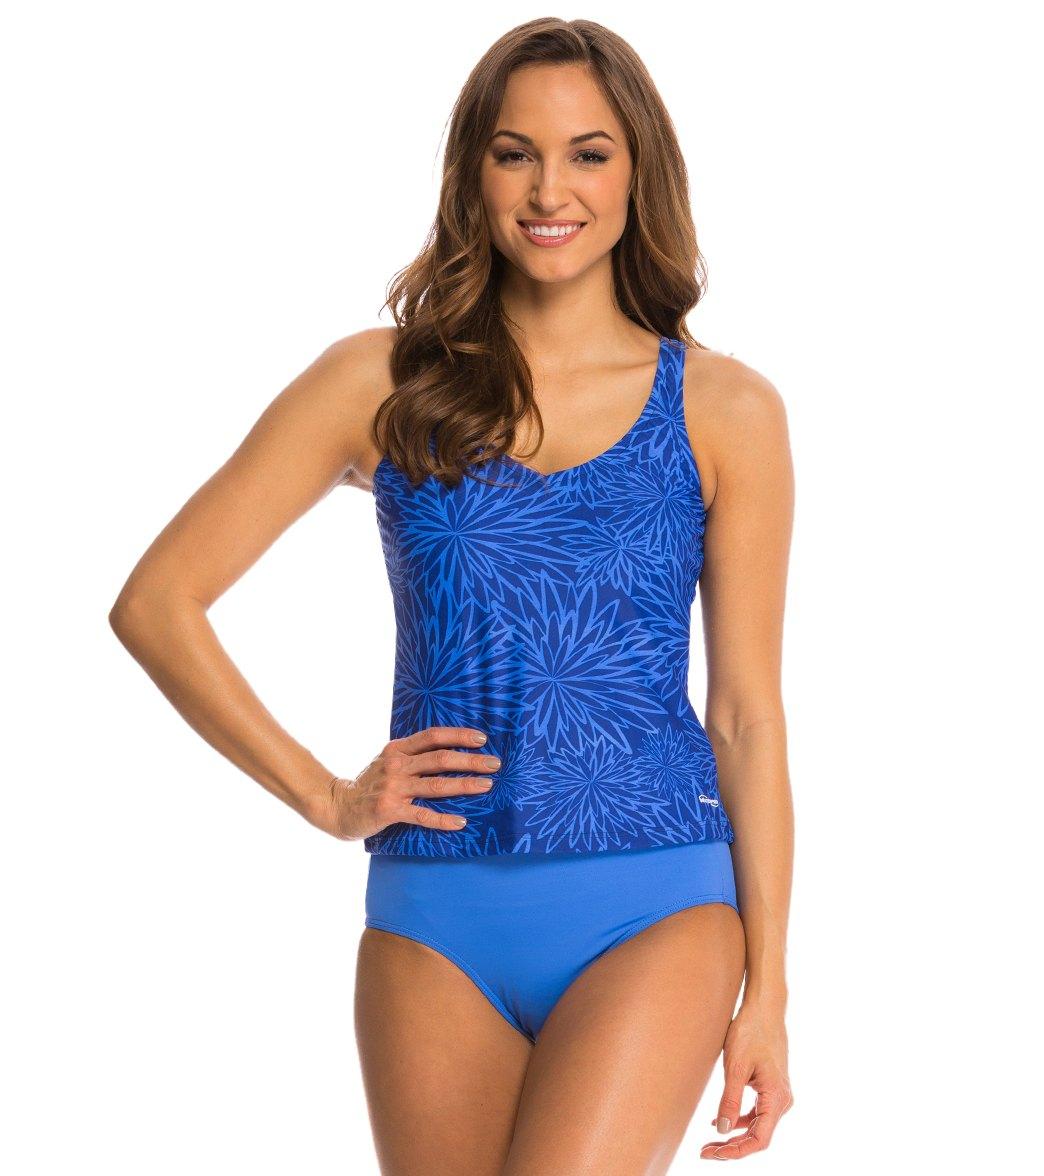 7914e57e19f71 Waterpro Dahlia High Back Tankini Swim Top at SwimOutlet.com